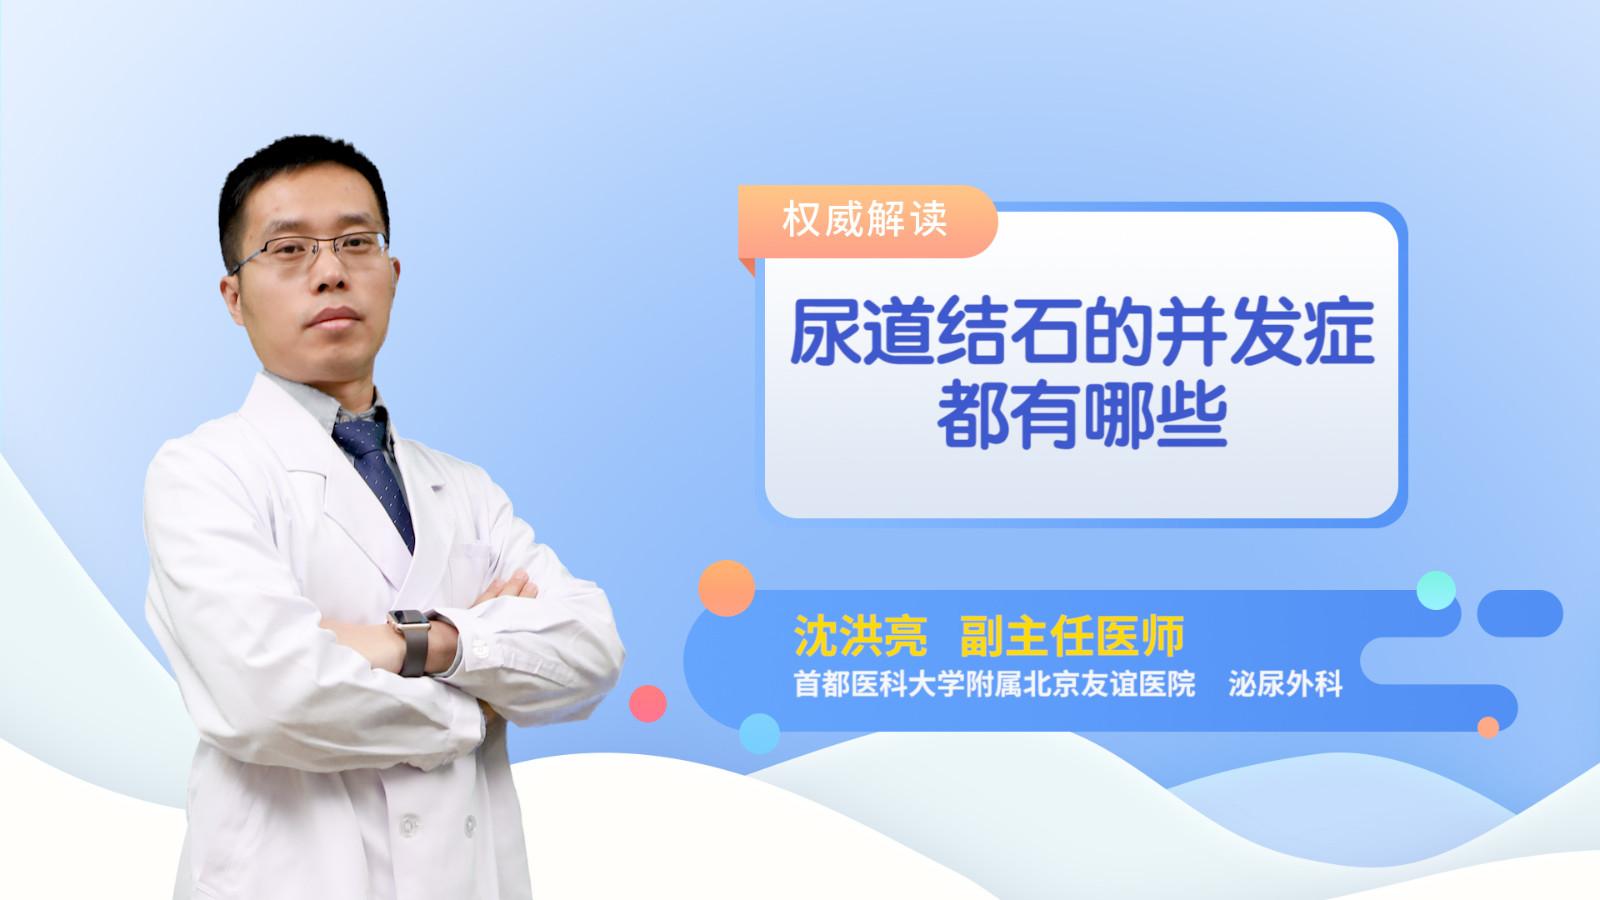 尿道结石的并发症都有哪些